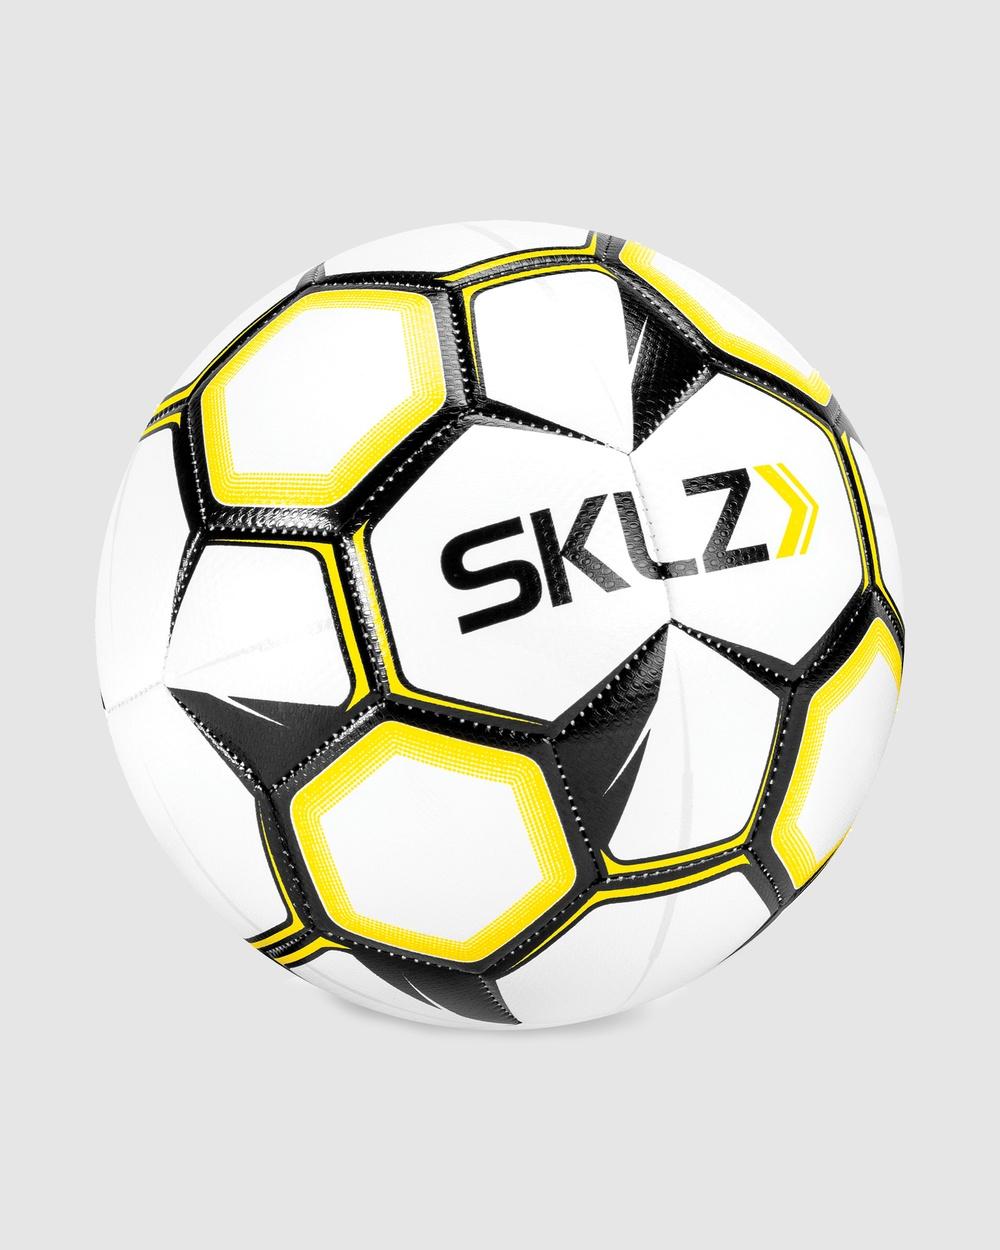 SKLZ Soccer Ball Size 5 Training Equipment White